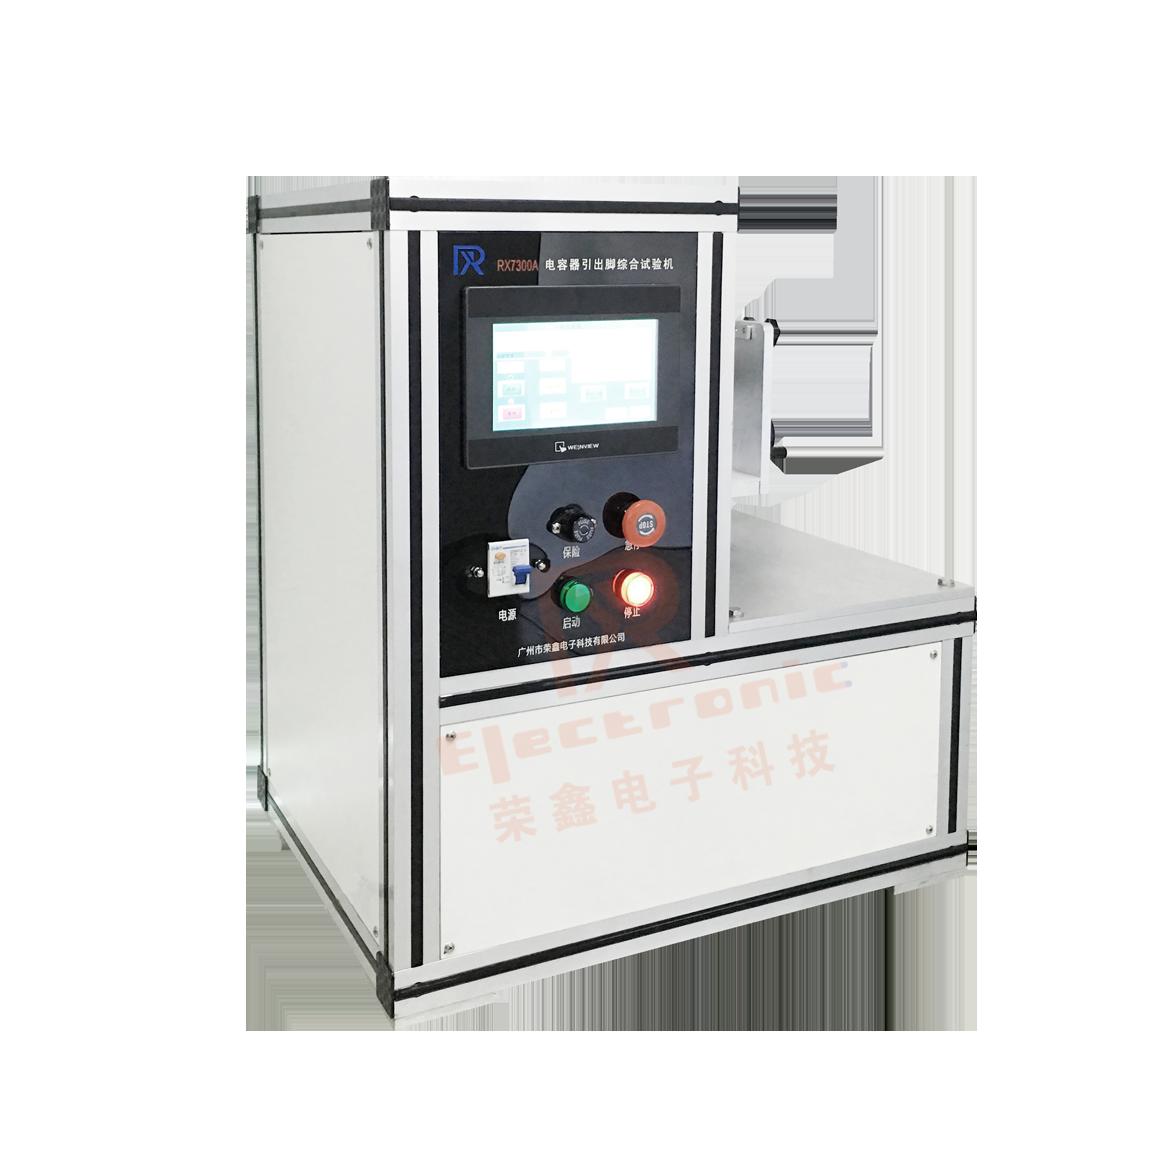 RX7300A电容器引出脚综合试验机广州哪家生产比较好-广州荣鑫